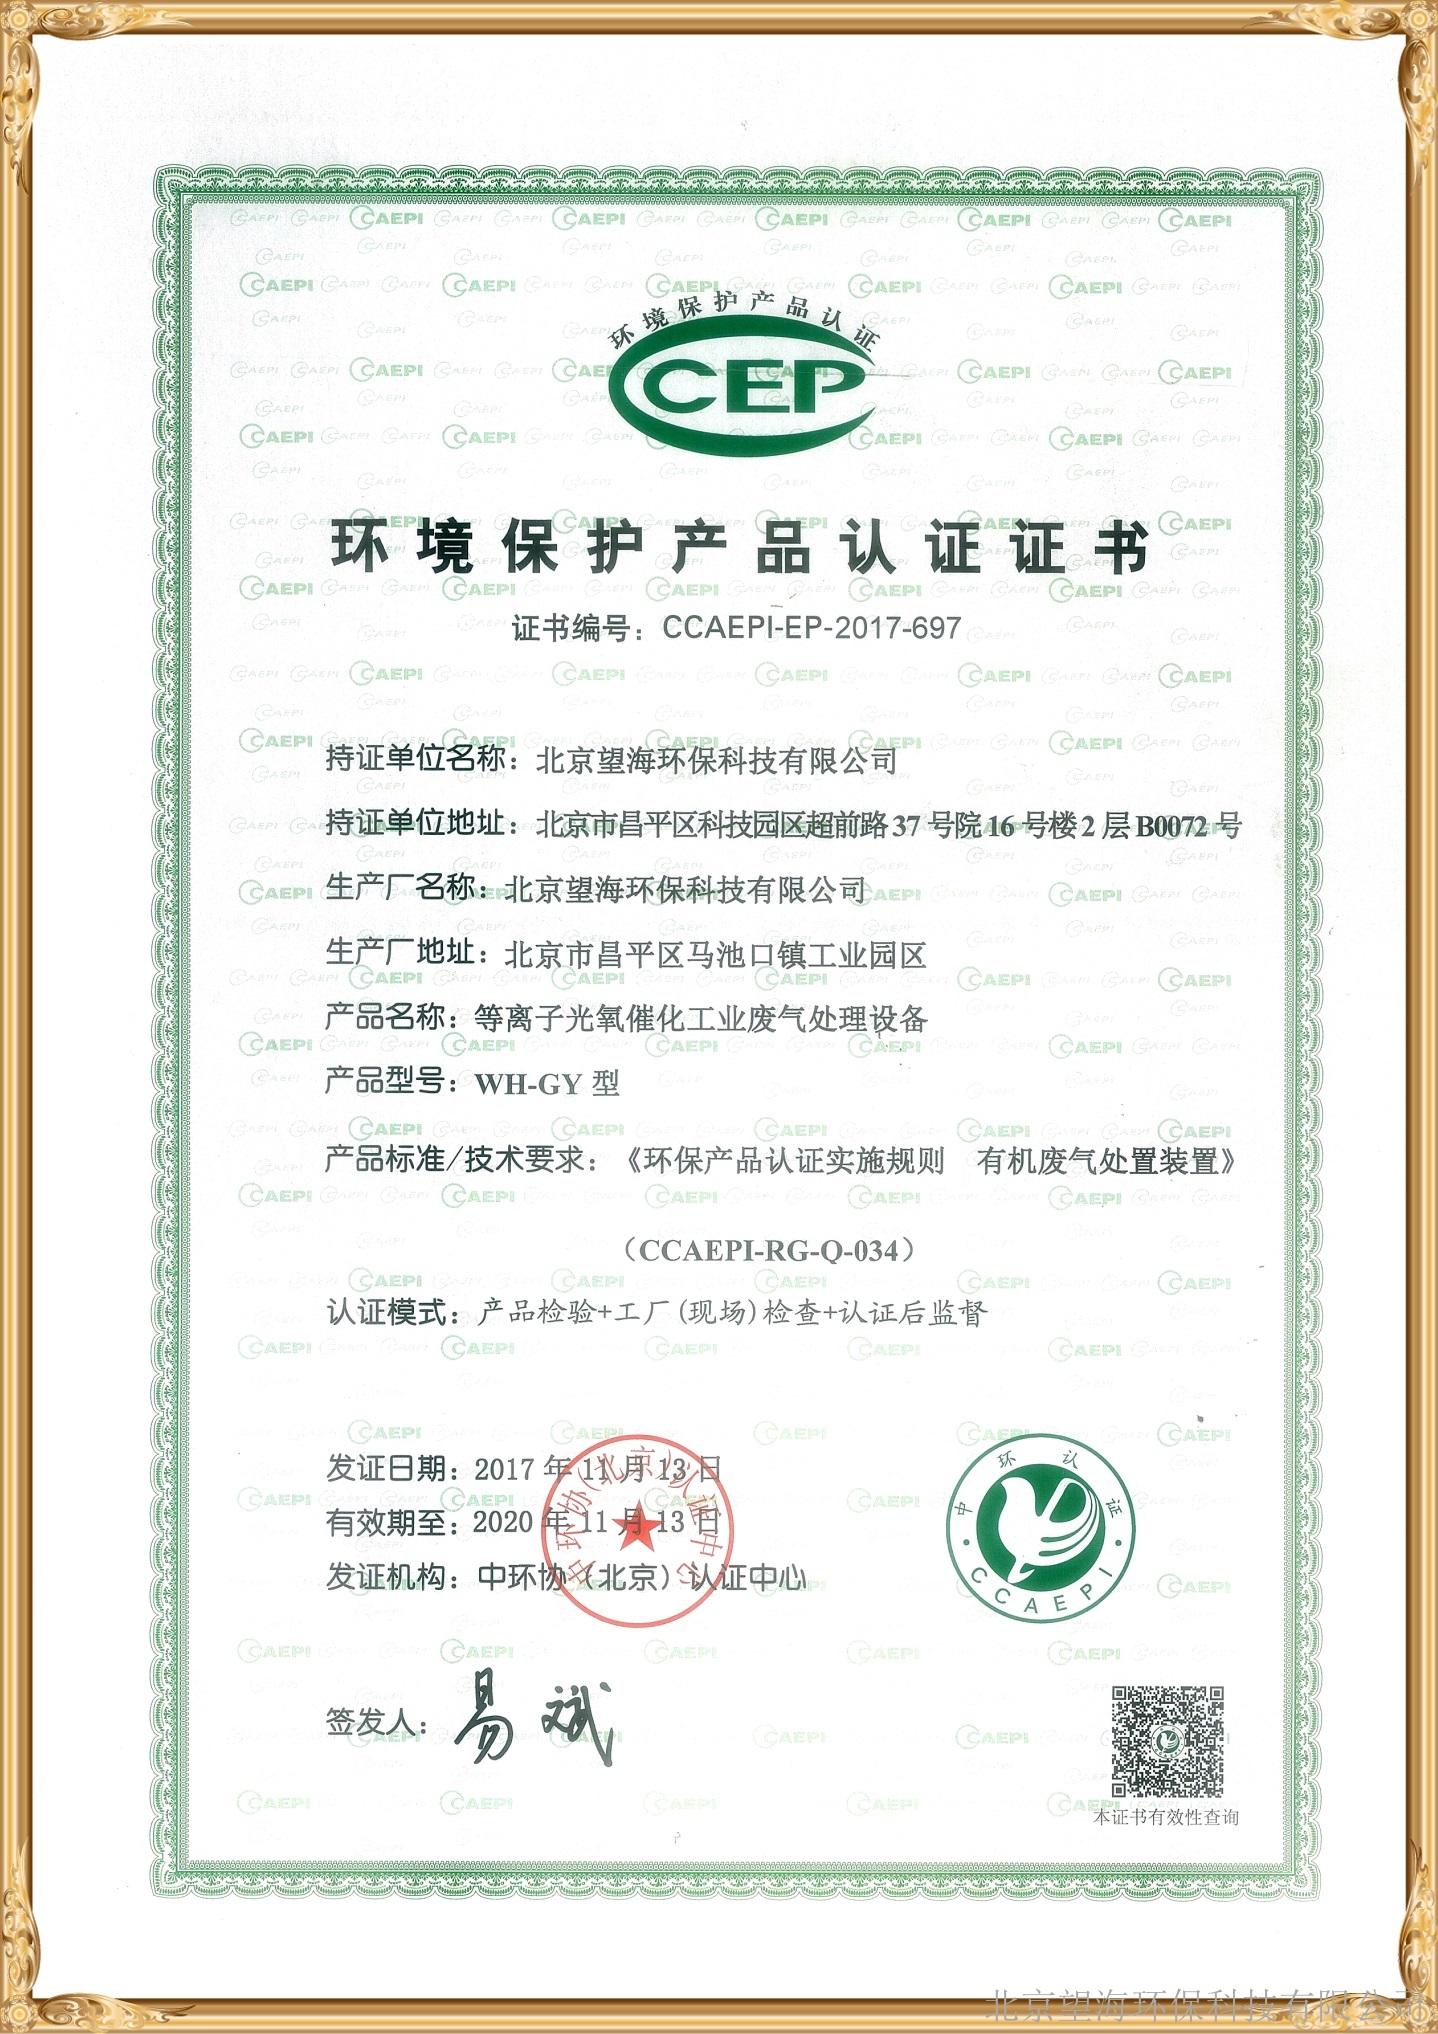 威尼斯正版官方网站产品认证